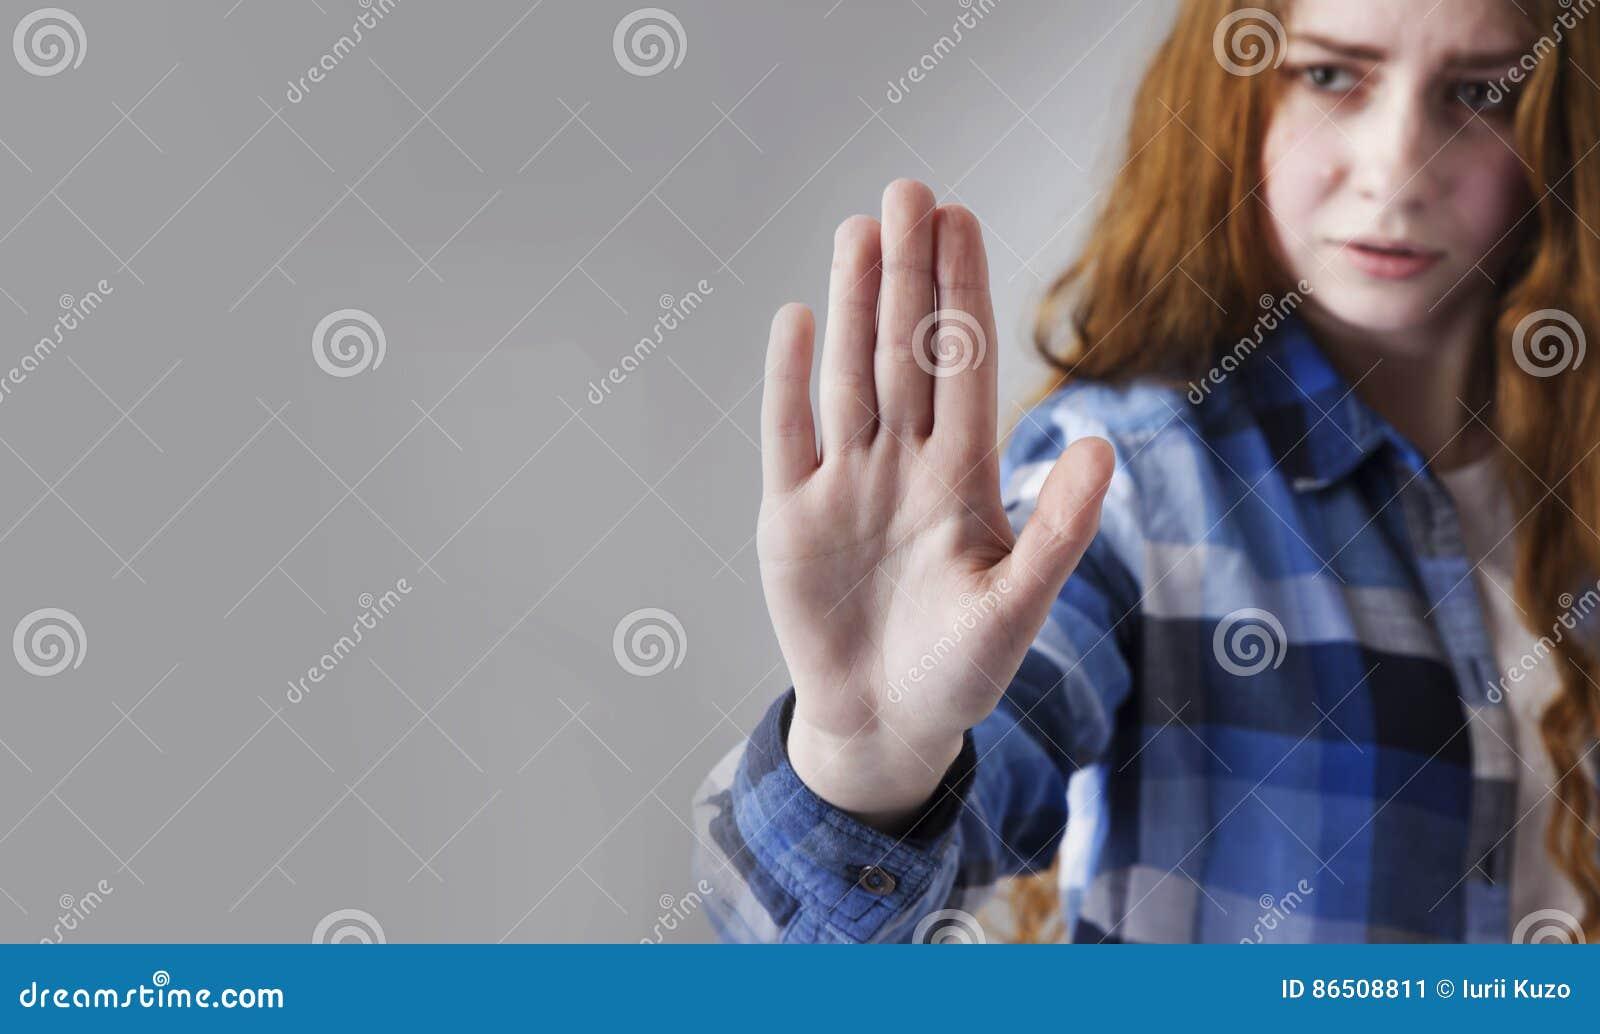 女孩陈列中止手标志姿态肢体语言,姿态, ps